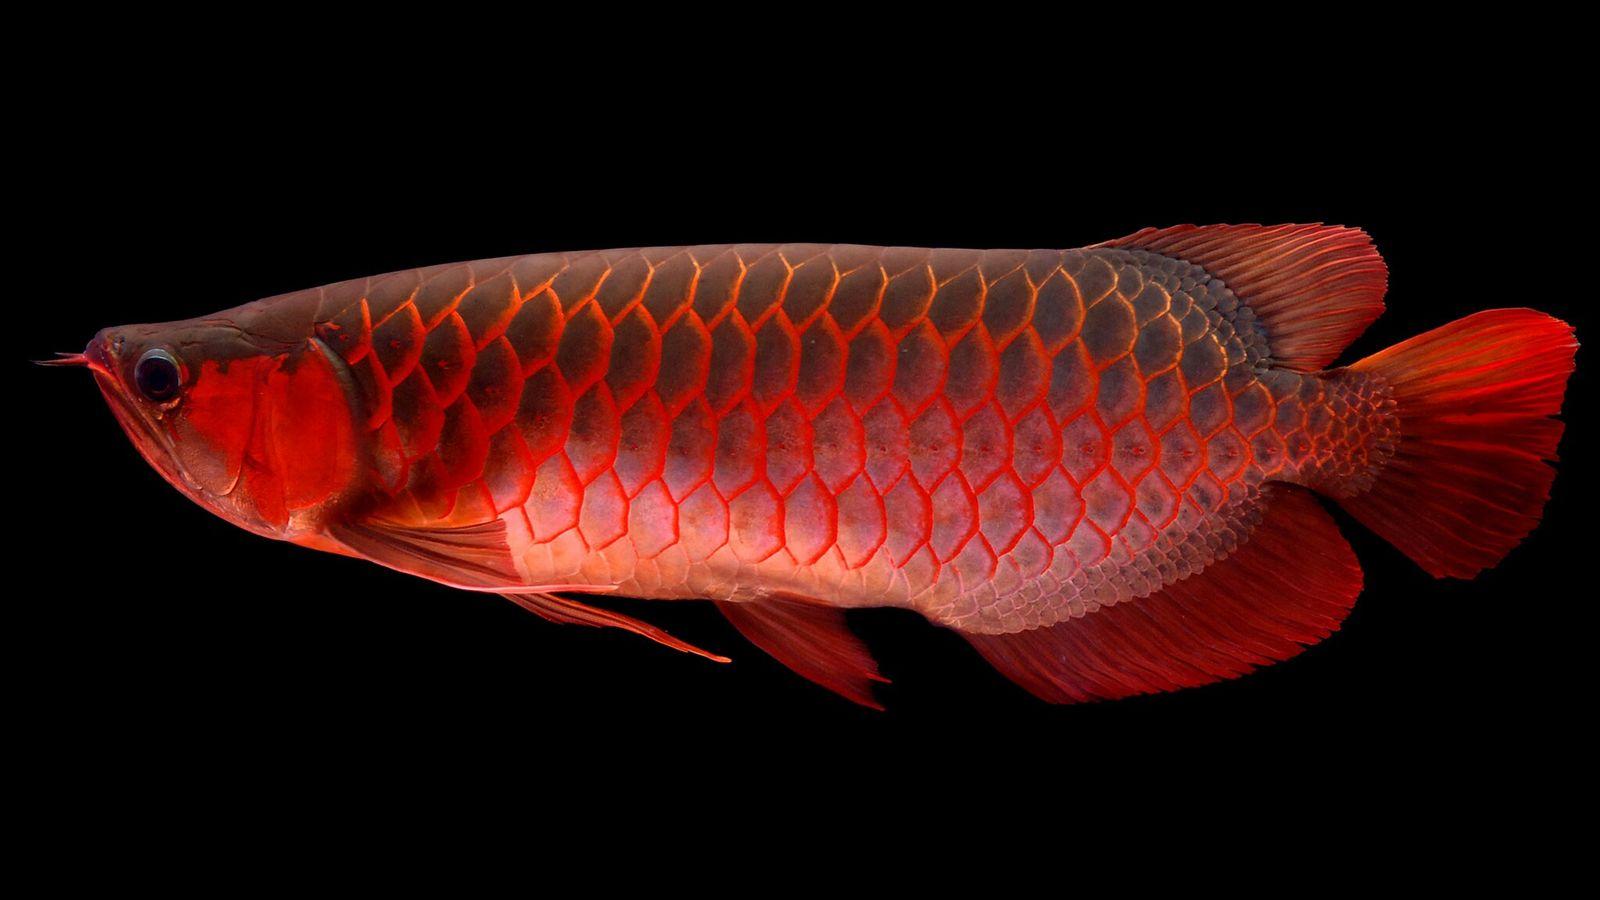 Der Asiatische Arowana, auch Drachenfisch genannt, wird von den Chinesen aufgrund seiner roten Farbe und münzähnlichen ...